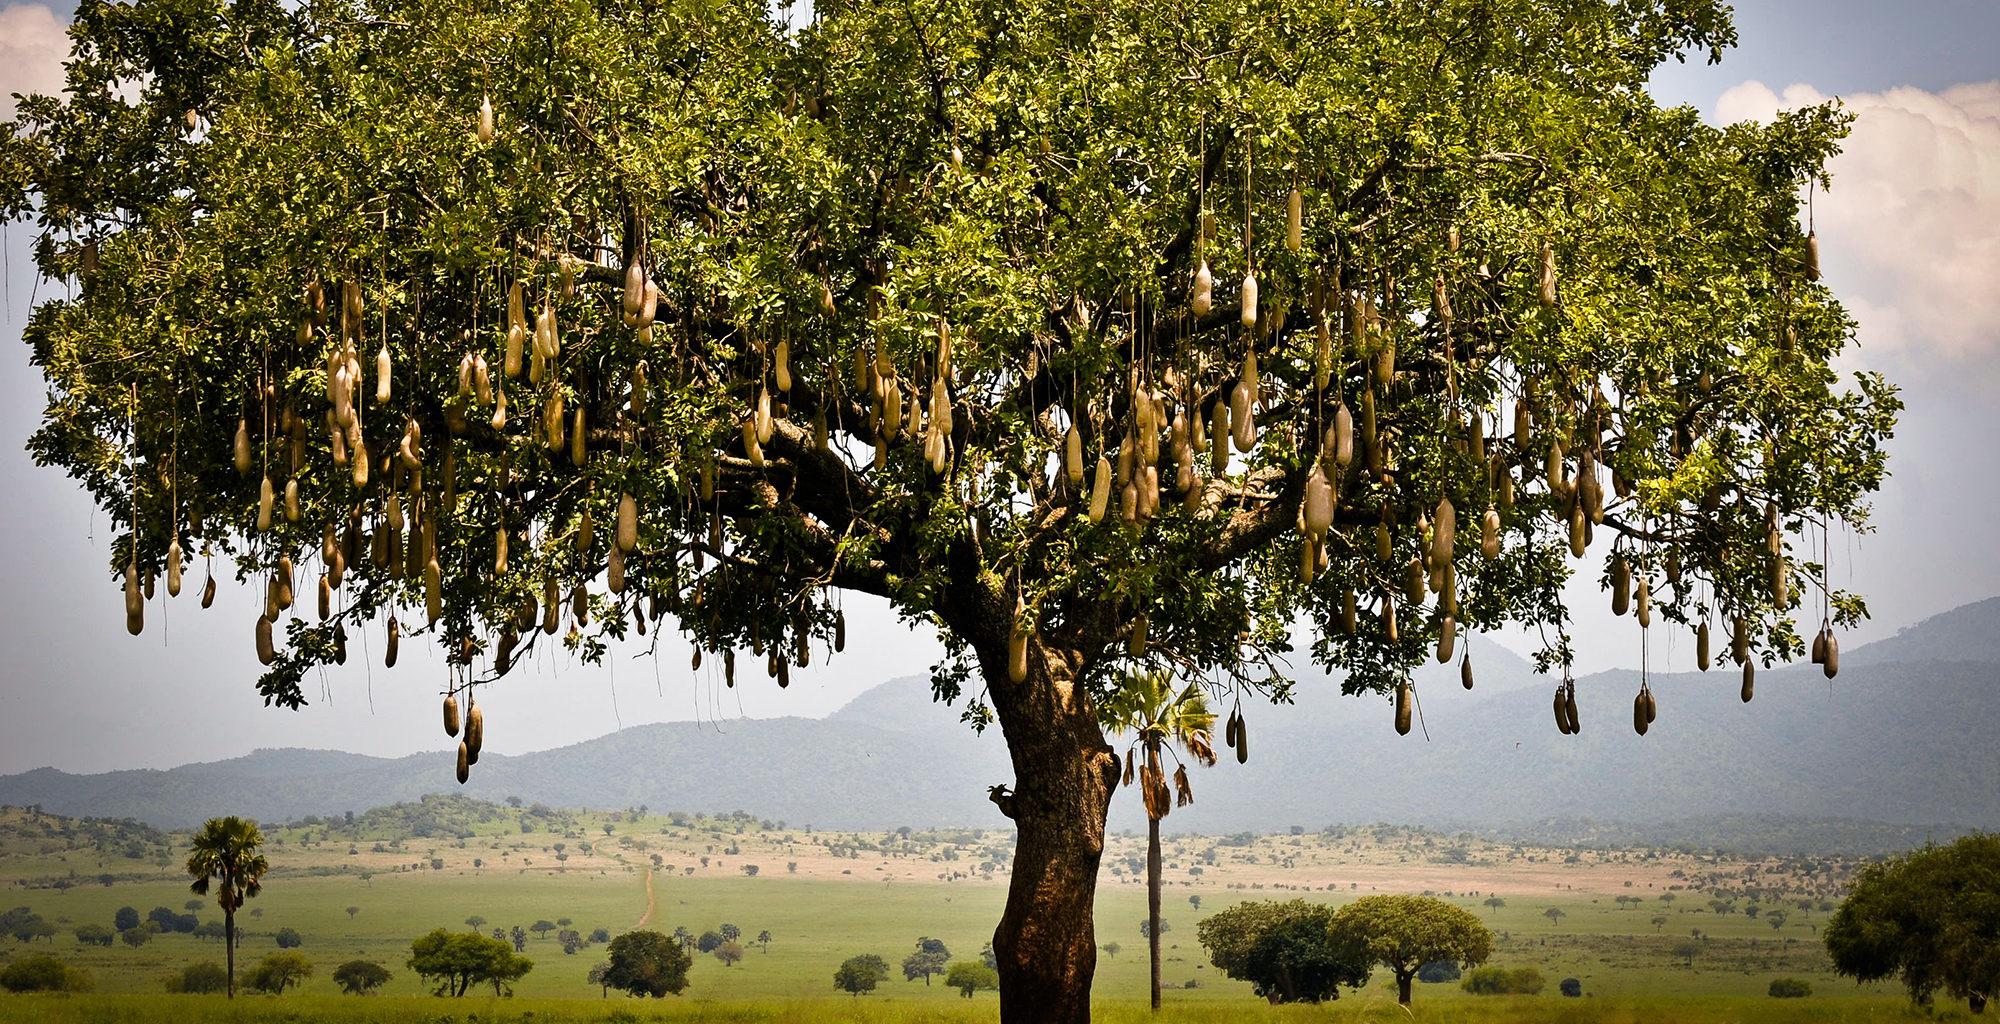 Uganda-Kidepo-Valley-Tree